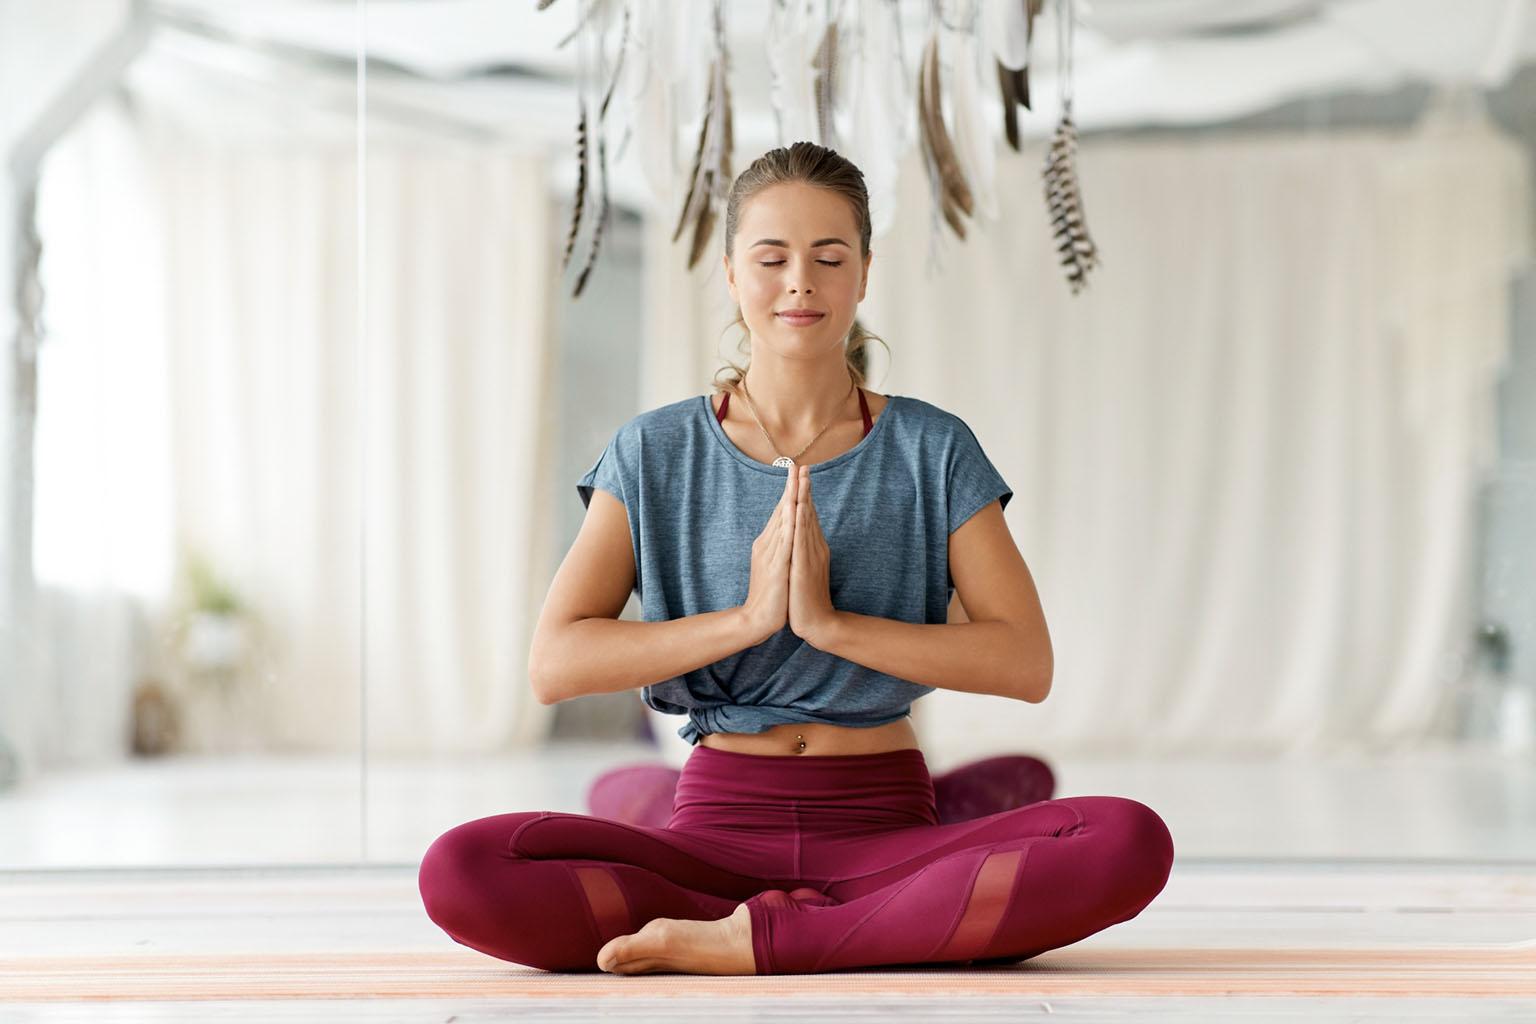 Techniki relaksacyjne – jak rozładować stres? Kobieta medytuje w sali gimnastycznej.